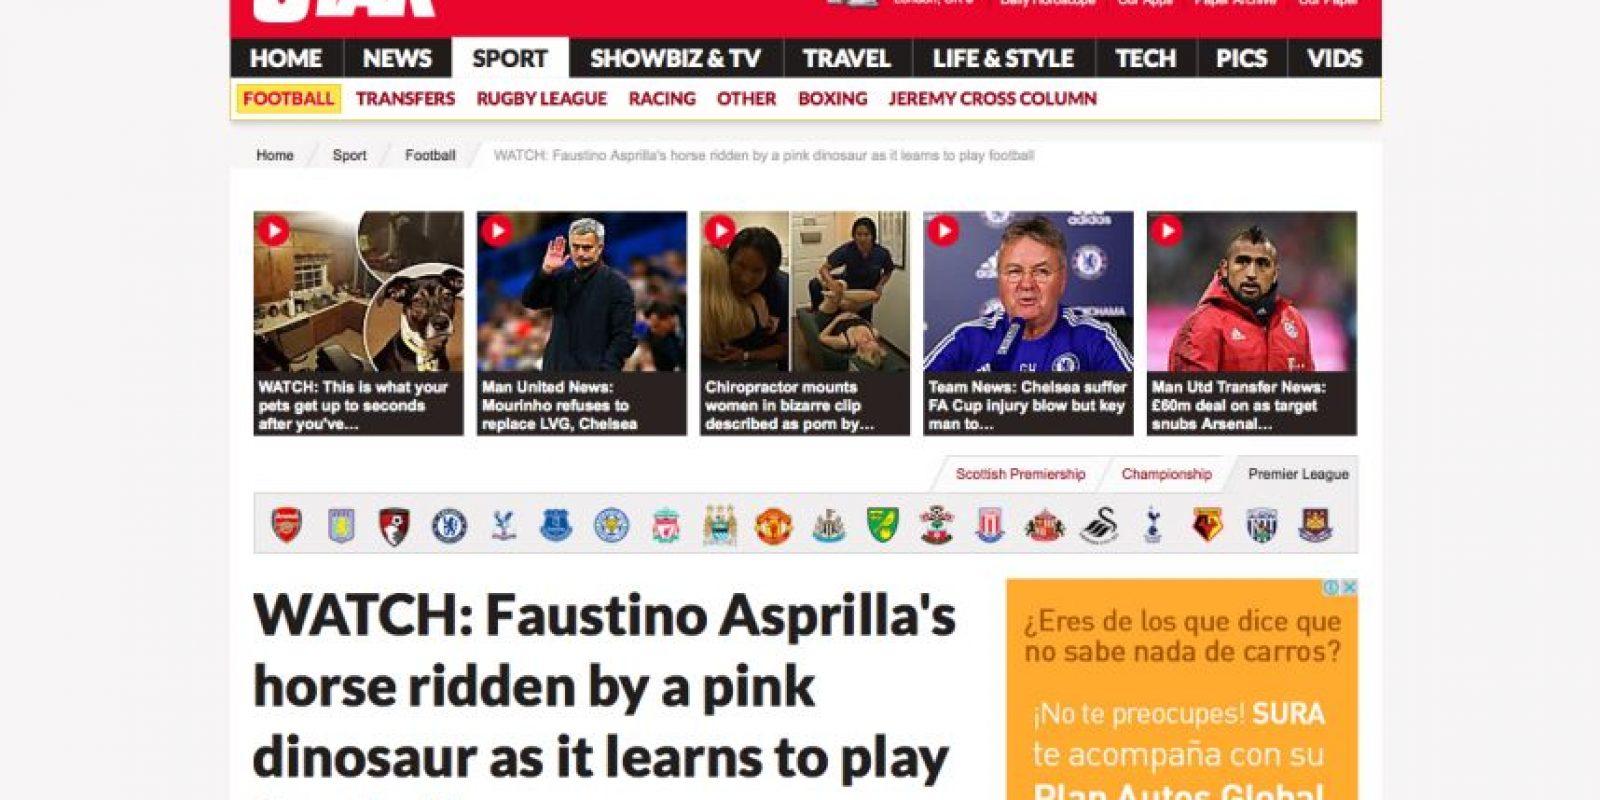 Foto:Captura de pantalla de la página www.dailystar.co.uk